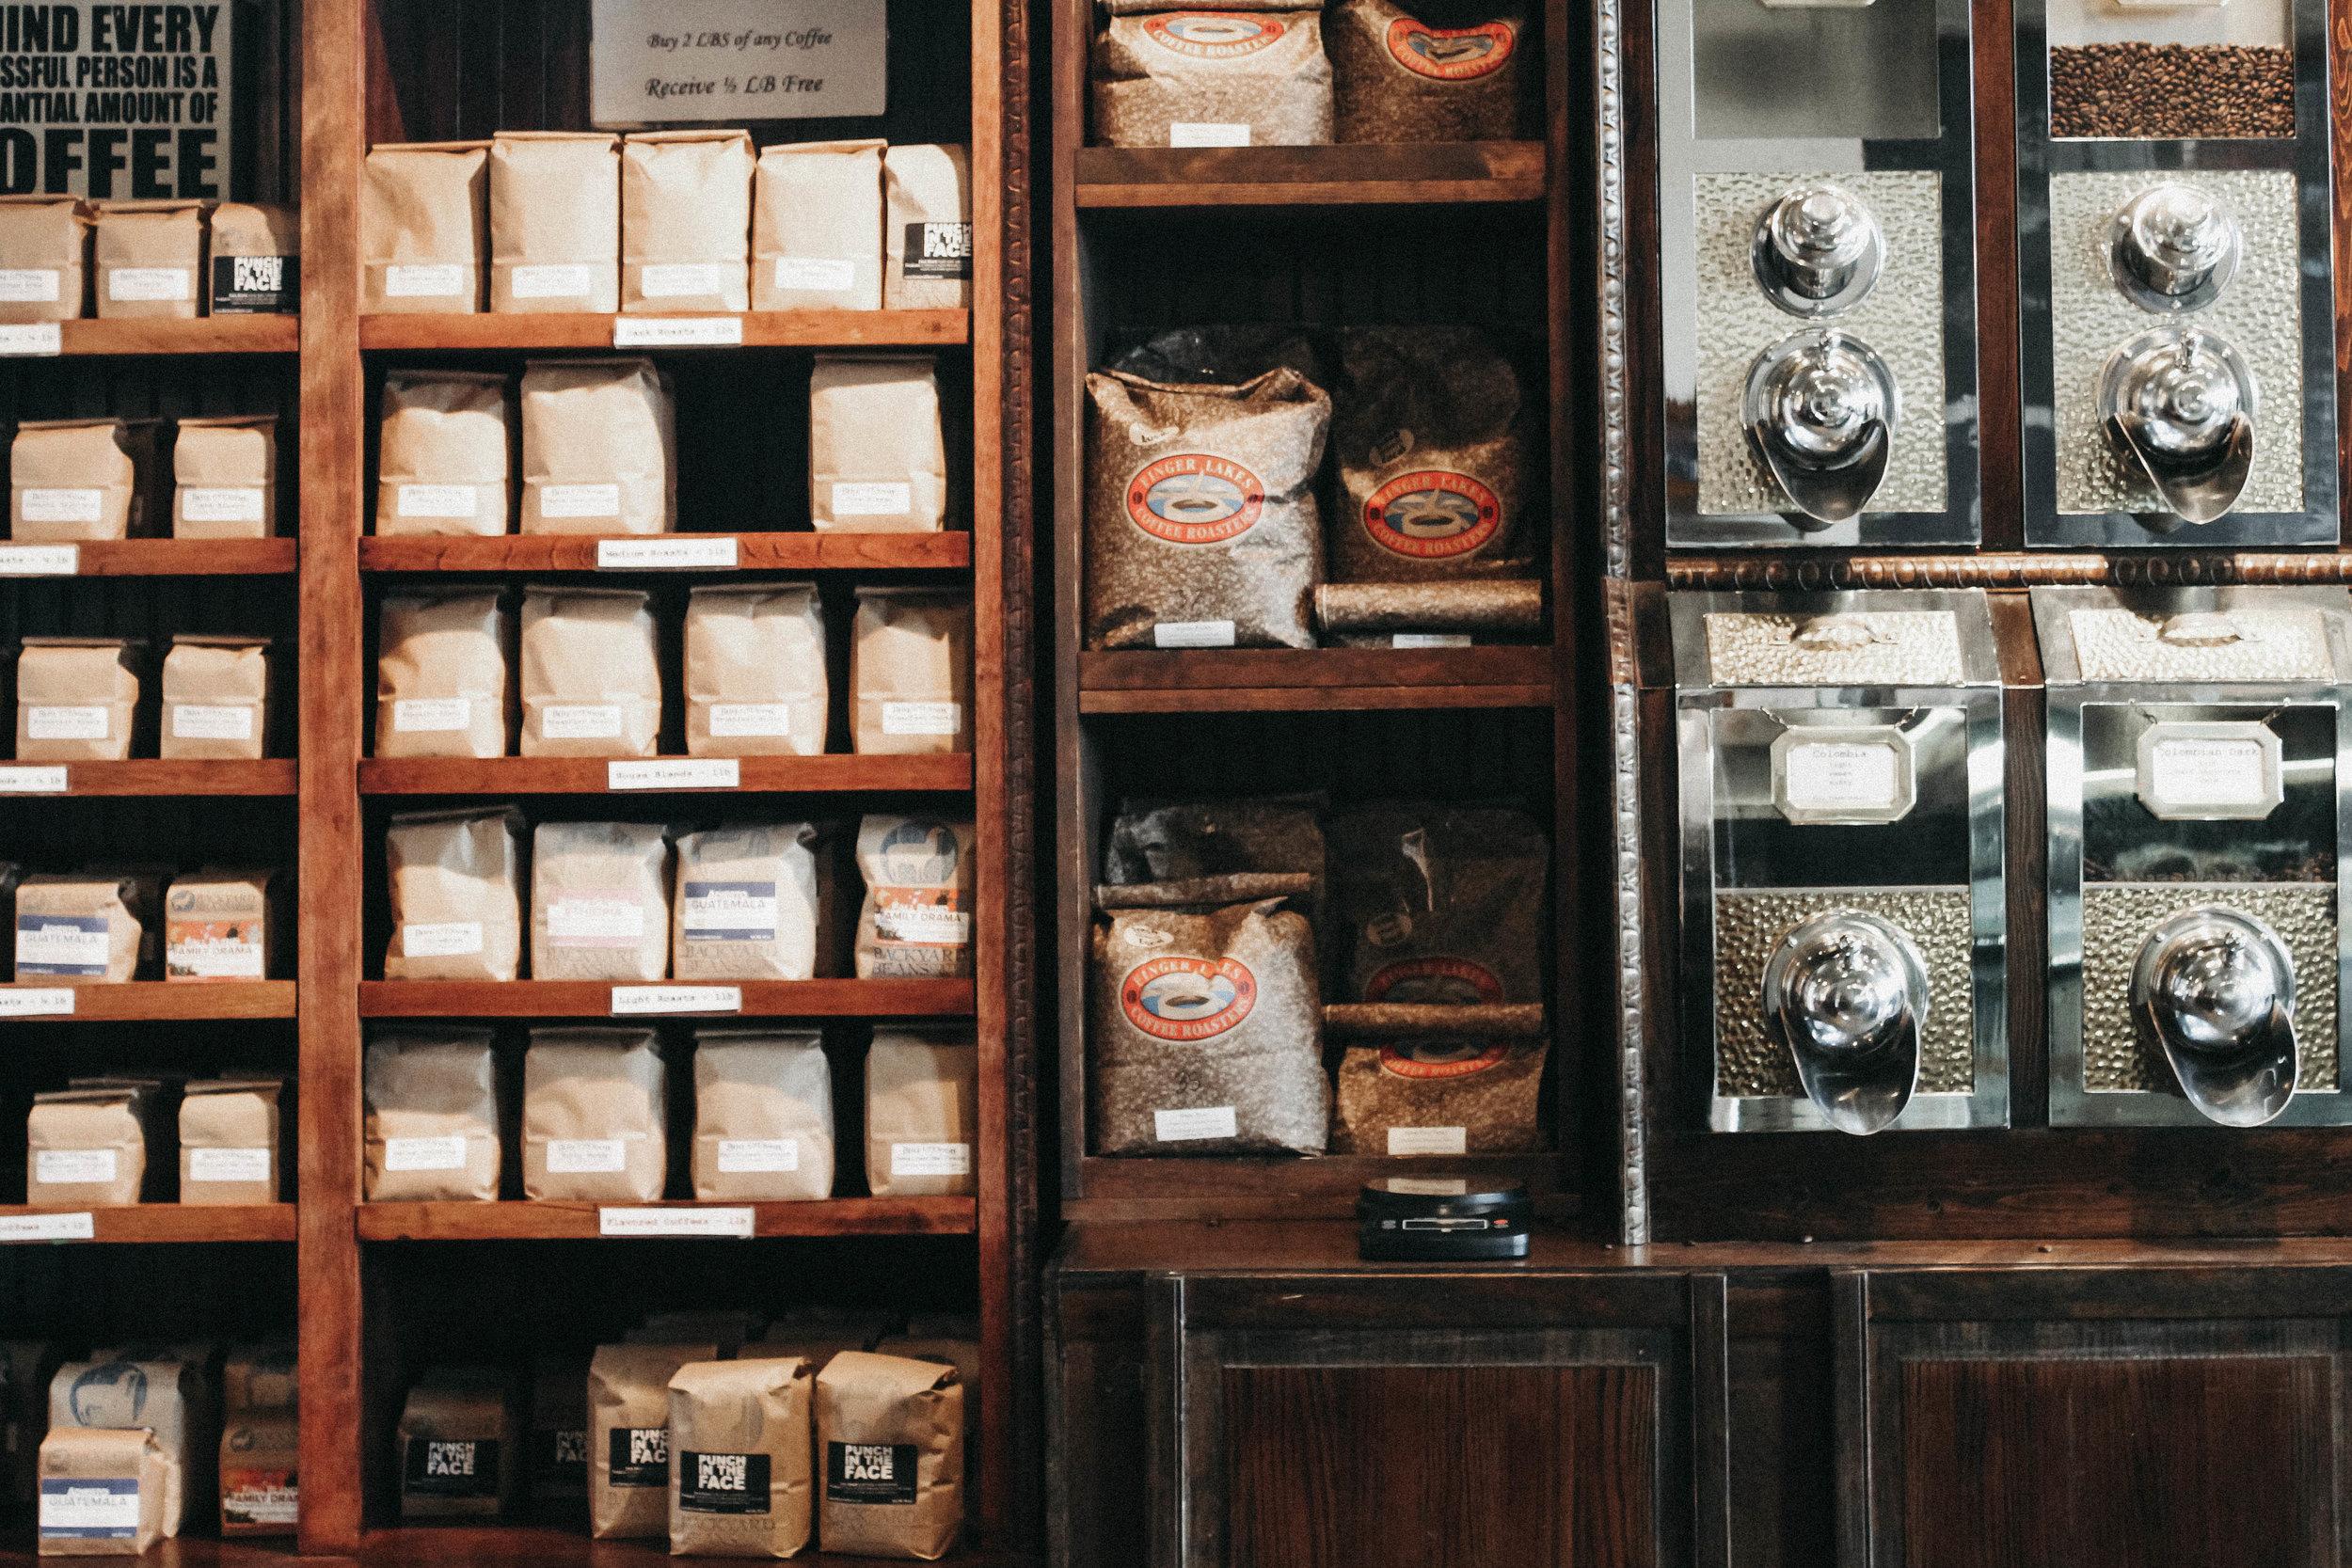 brig-o-doon whole bean coffee offerings img.jpg